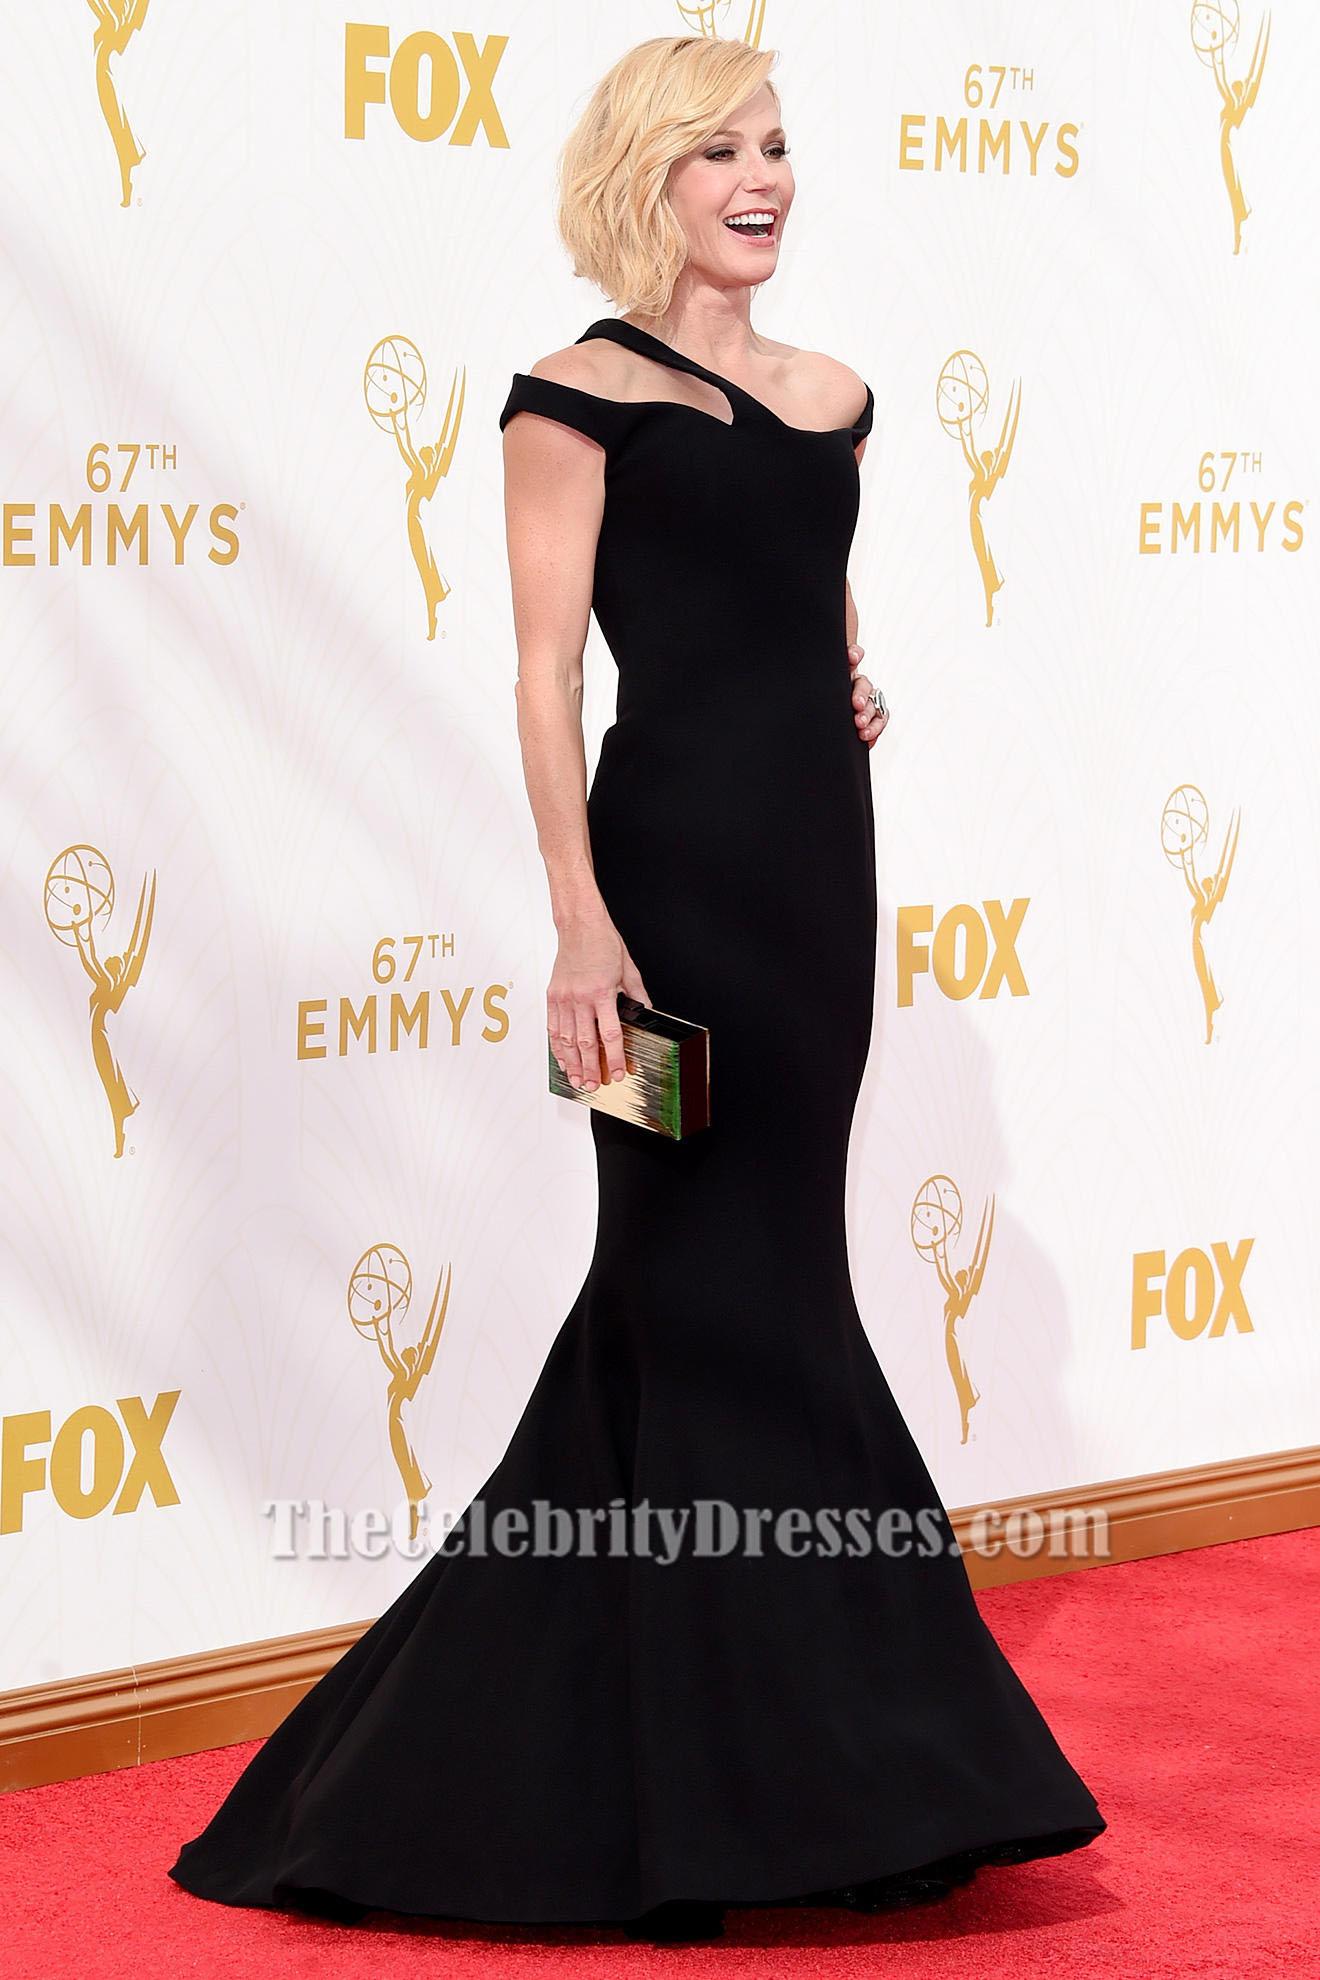 Julie Bowen Black Evening Dress 2015 Emmy Awards Red Carpet - TheCelebrityDresses